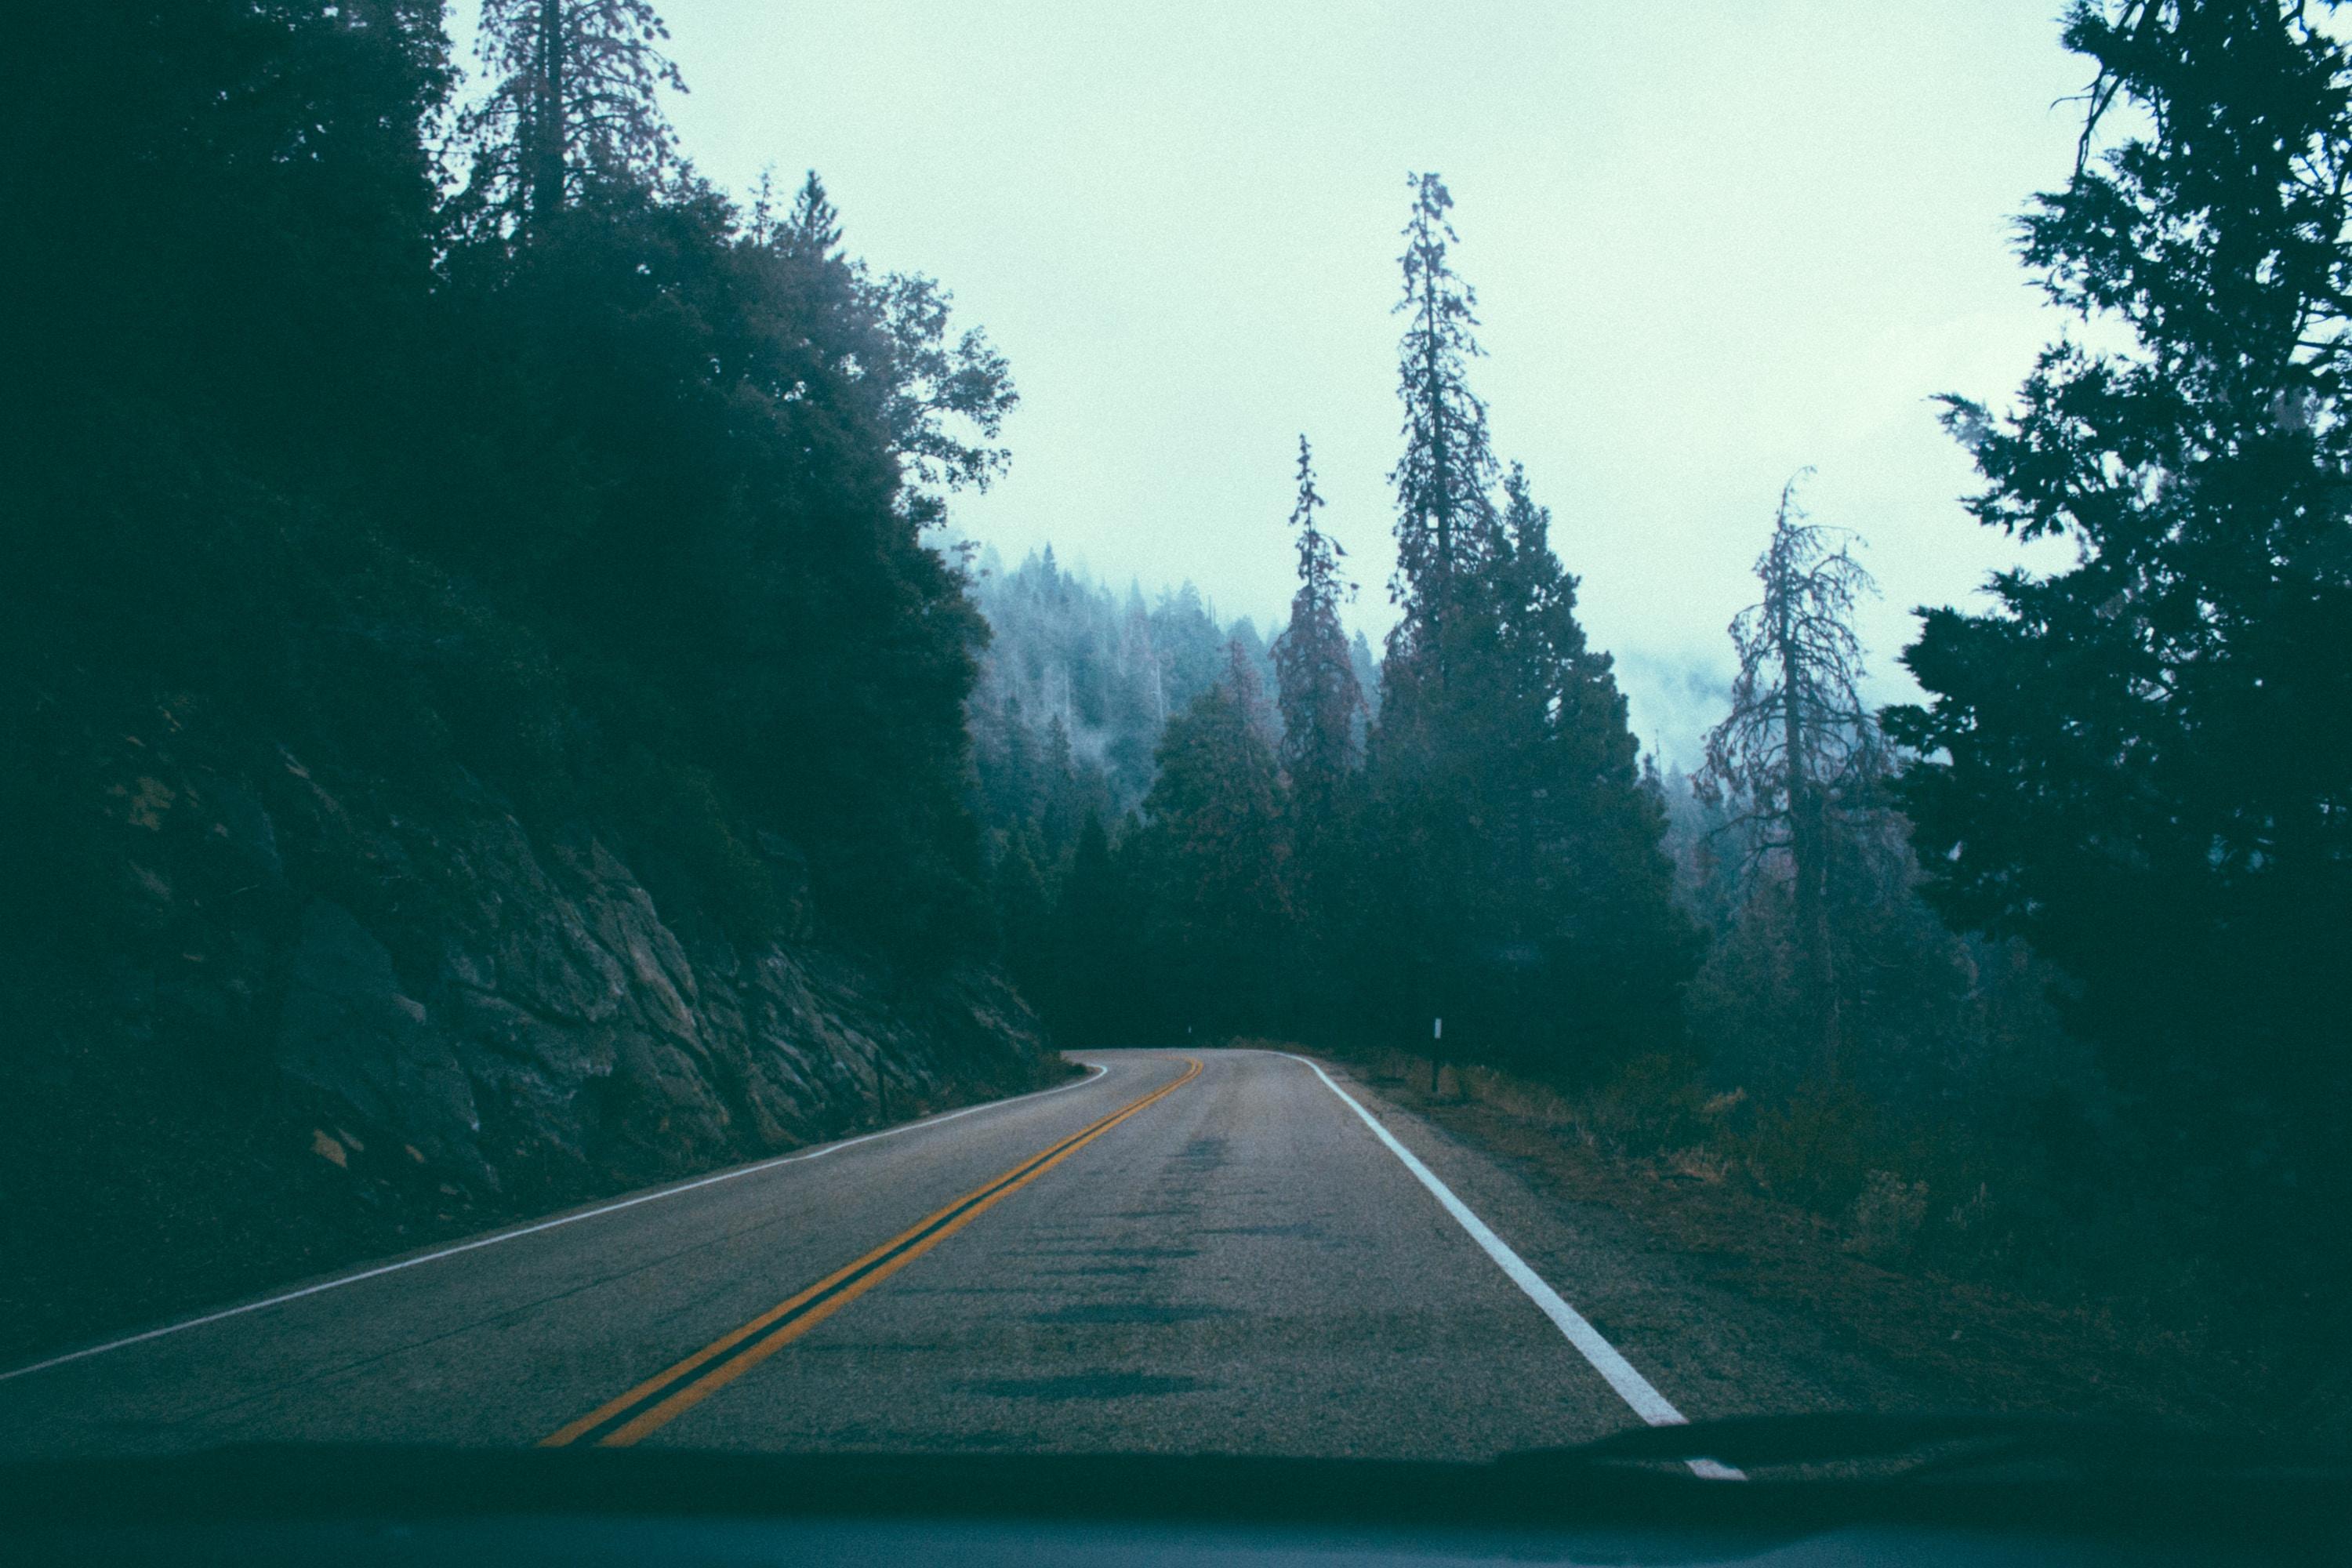 gray asphalt road in between trees